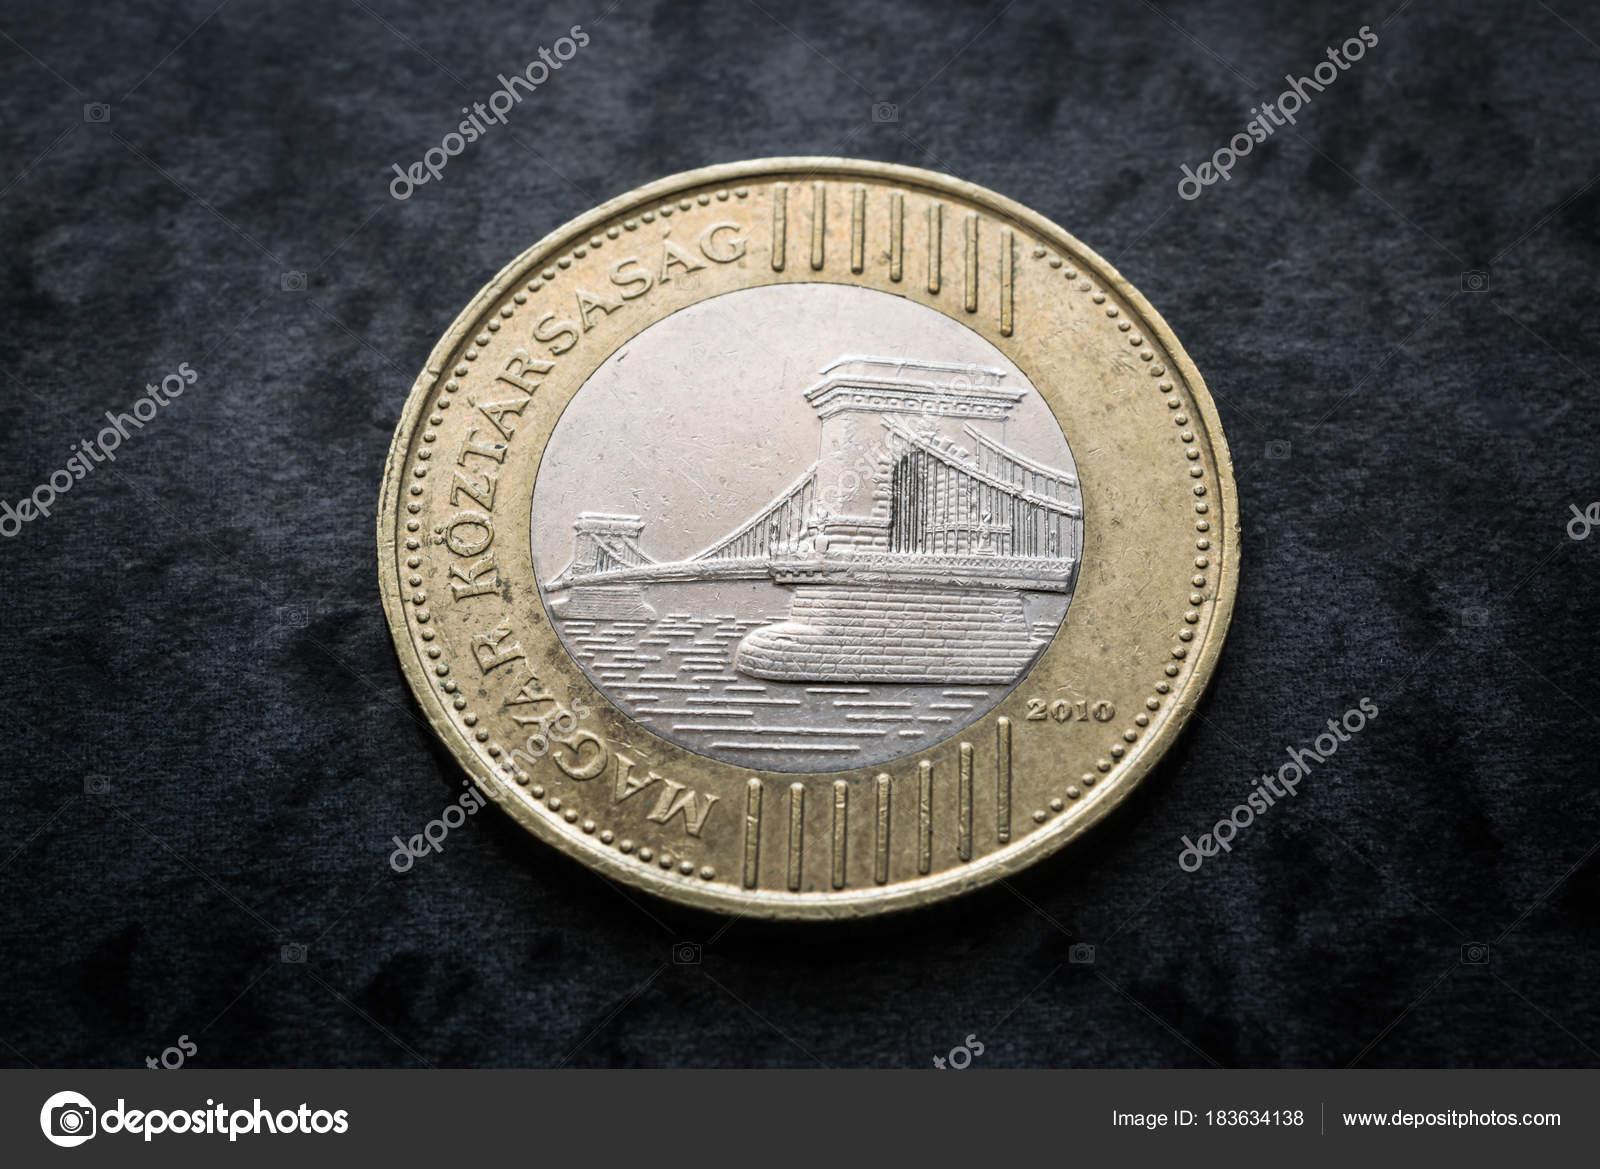 Moneda Hungria Monedas 200 Forint Inversa Con Puente Budapest Cerca